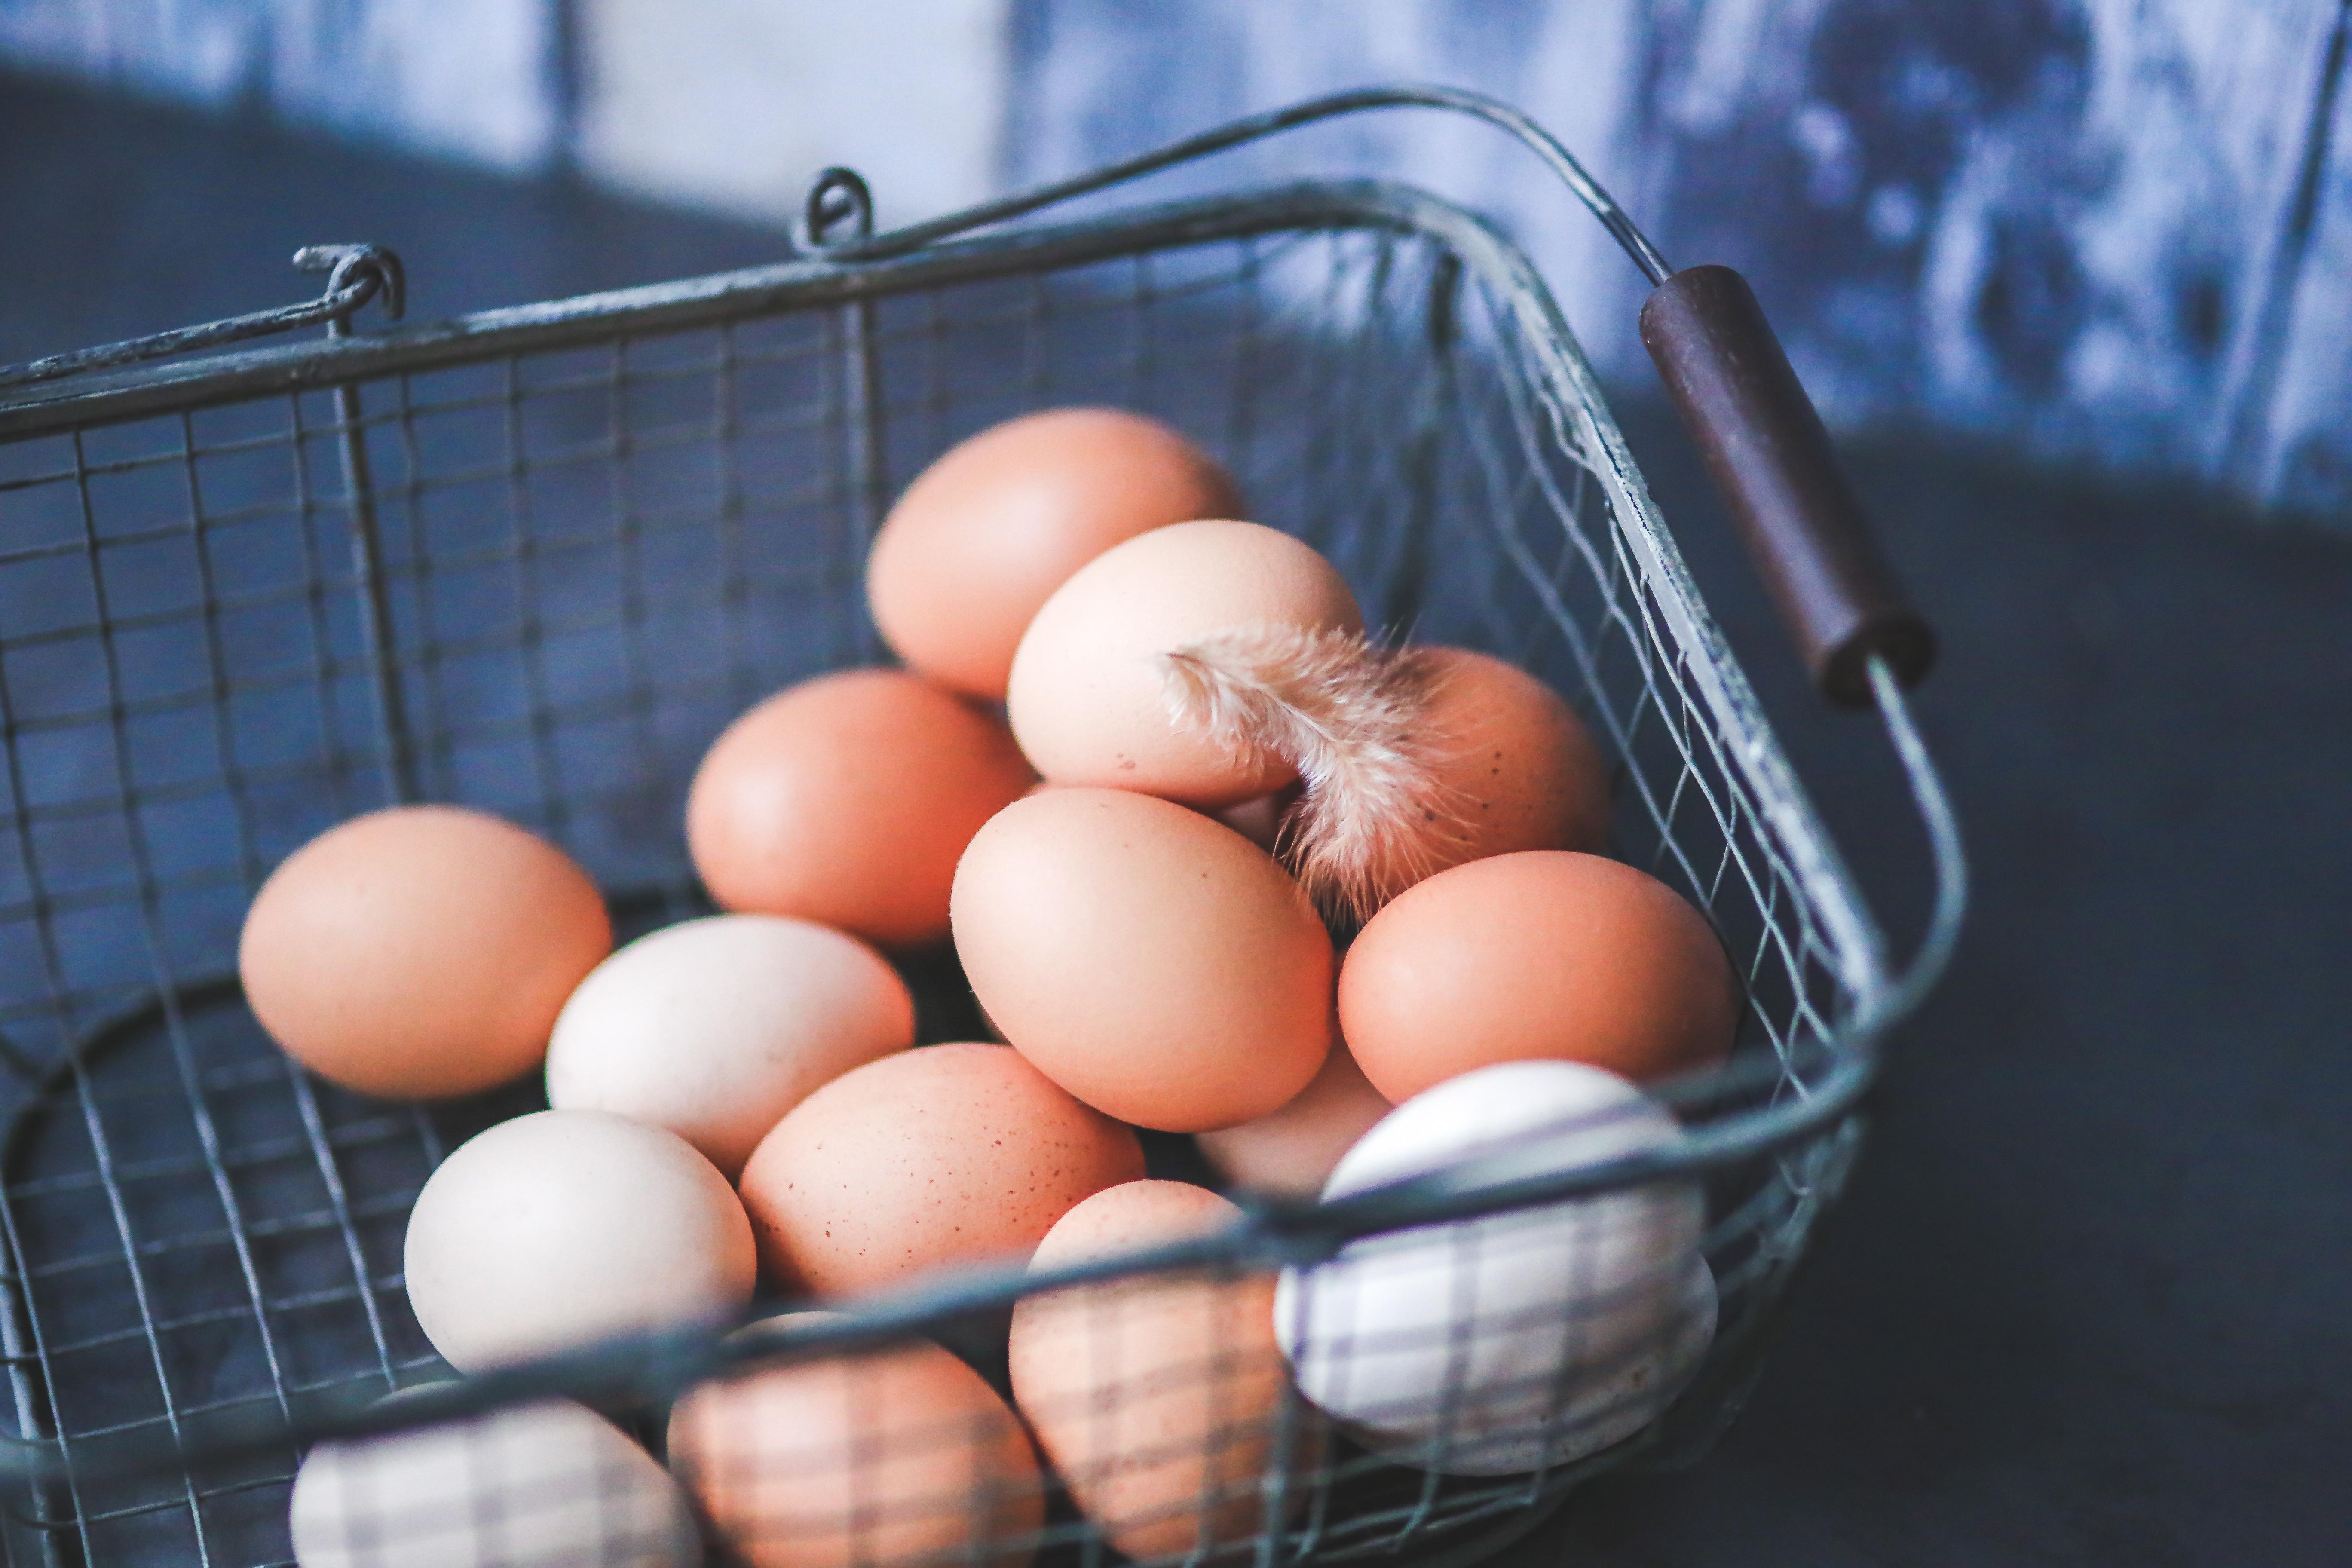 Eggs   IFIS Publishing